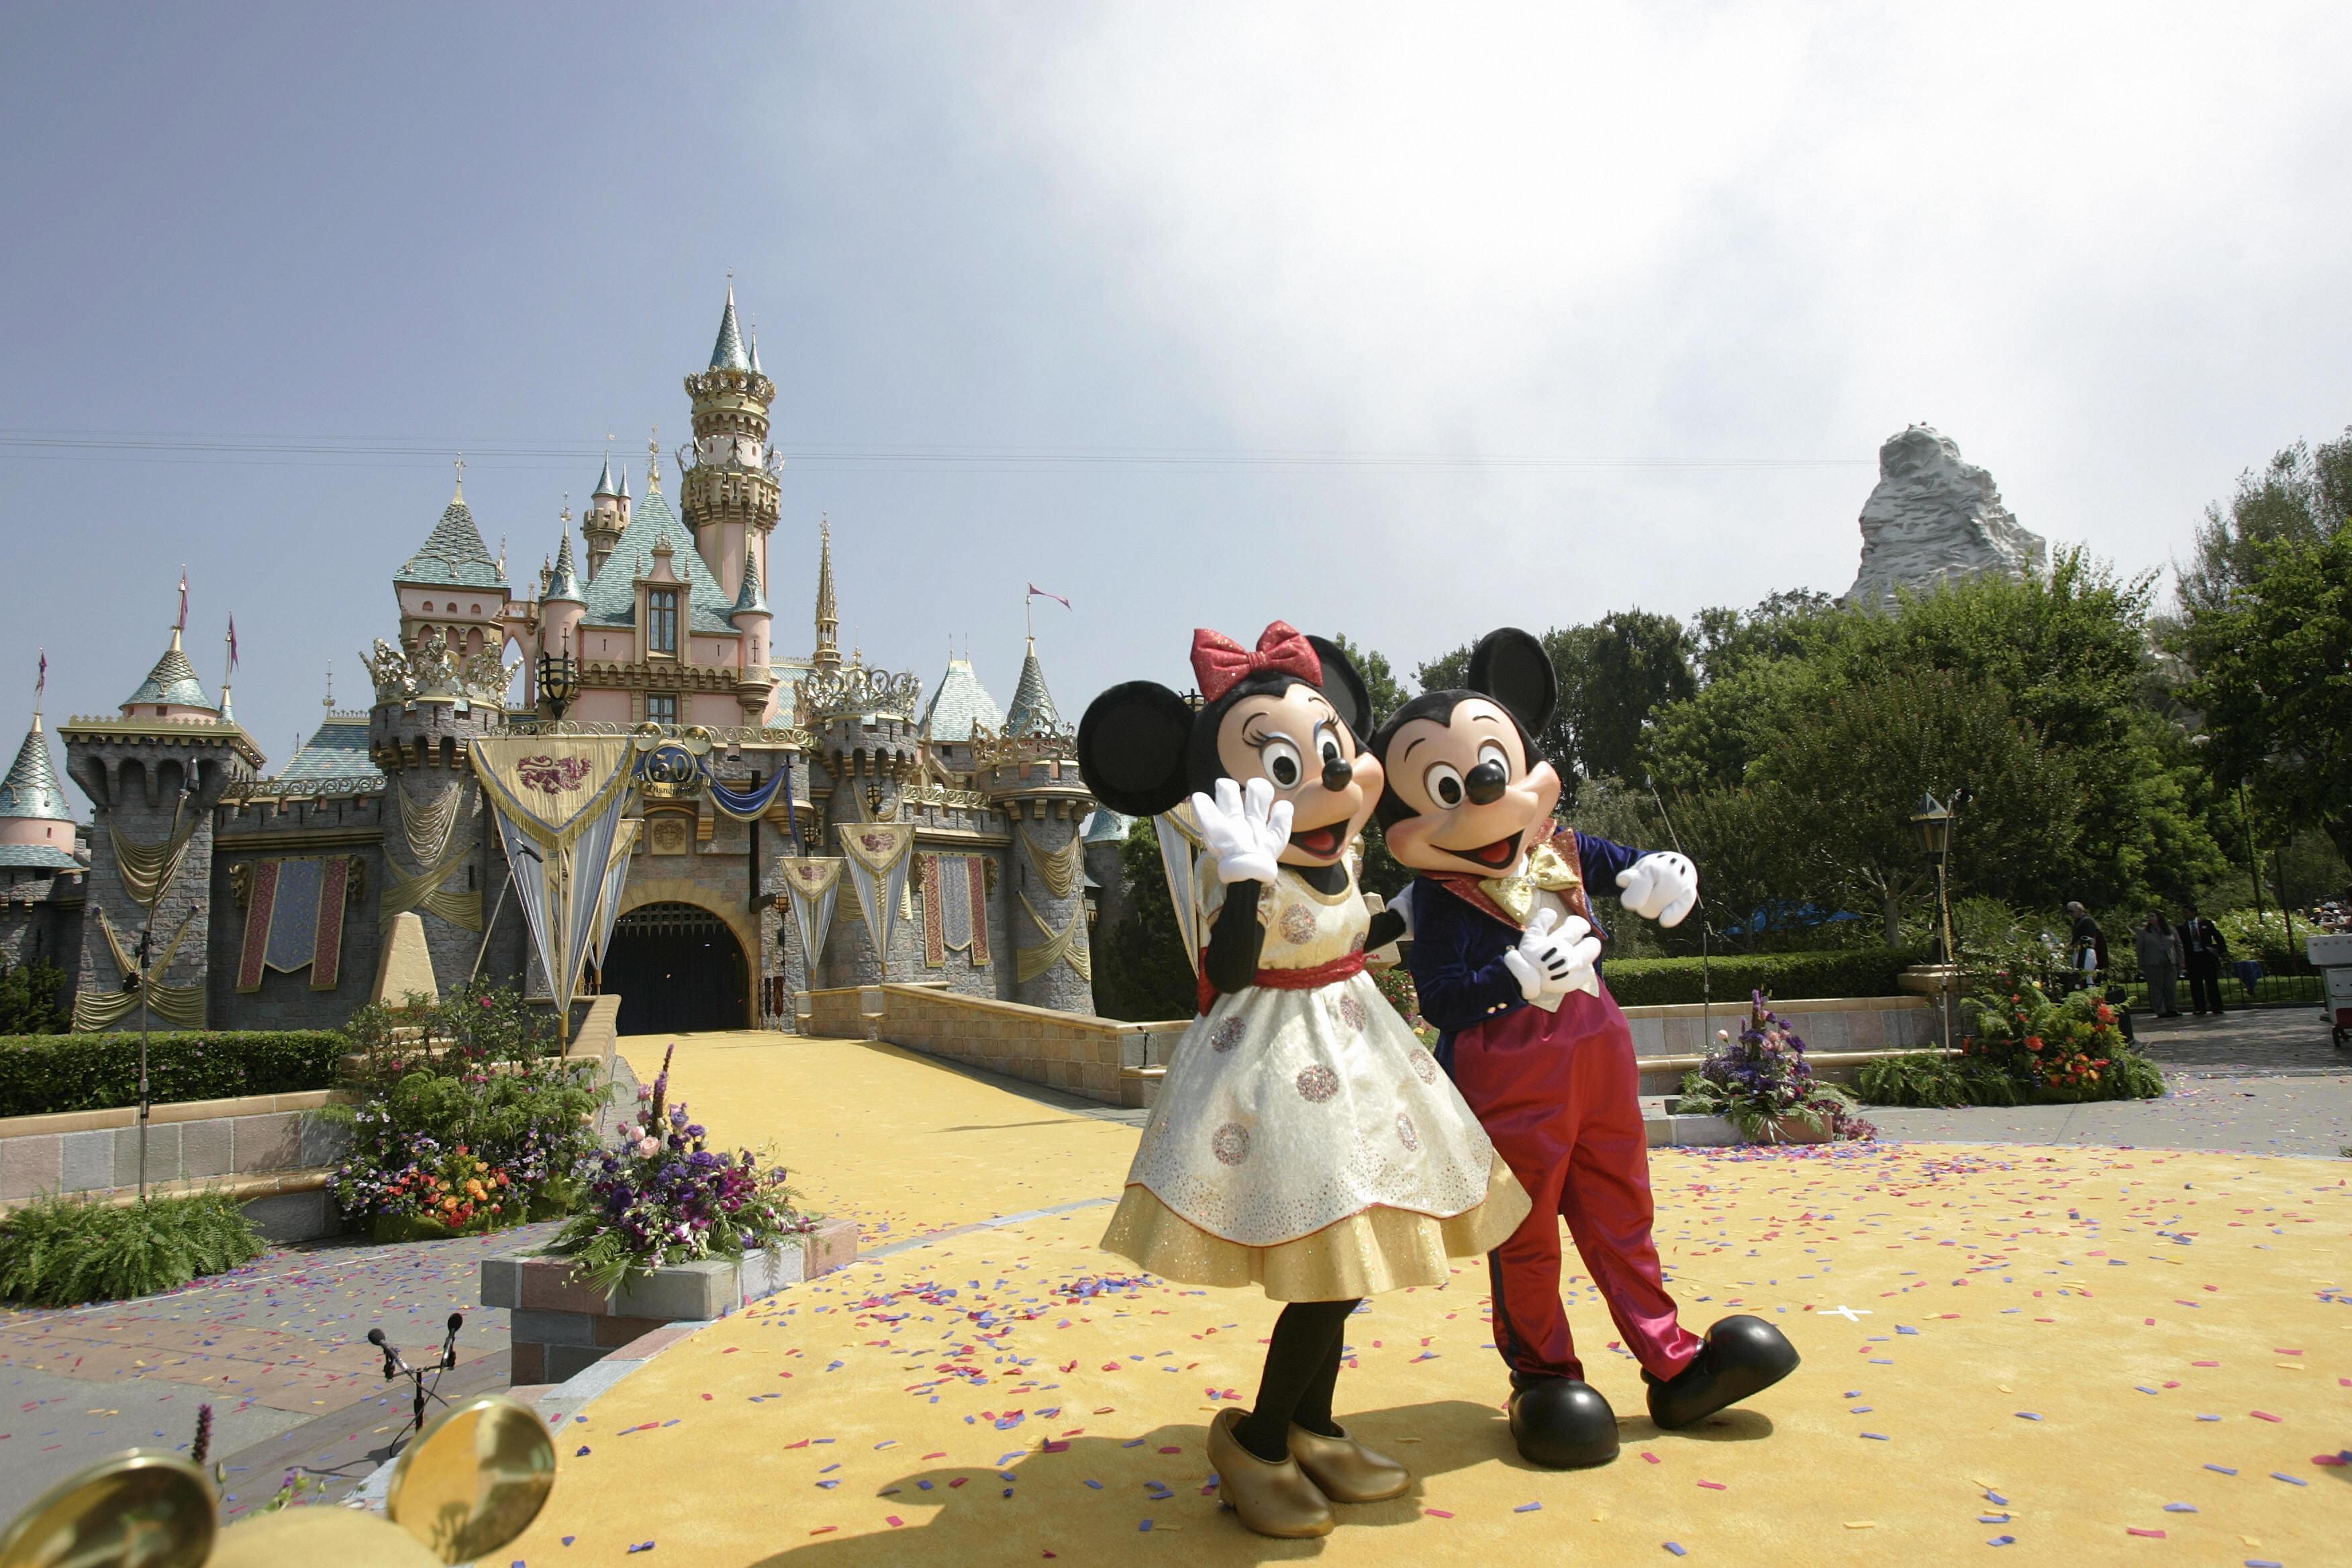 Disney Adds Metal Detectors at Theme Parks